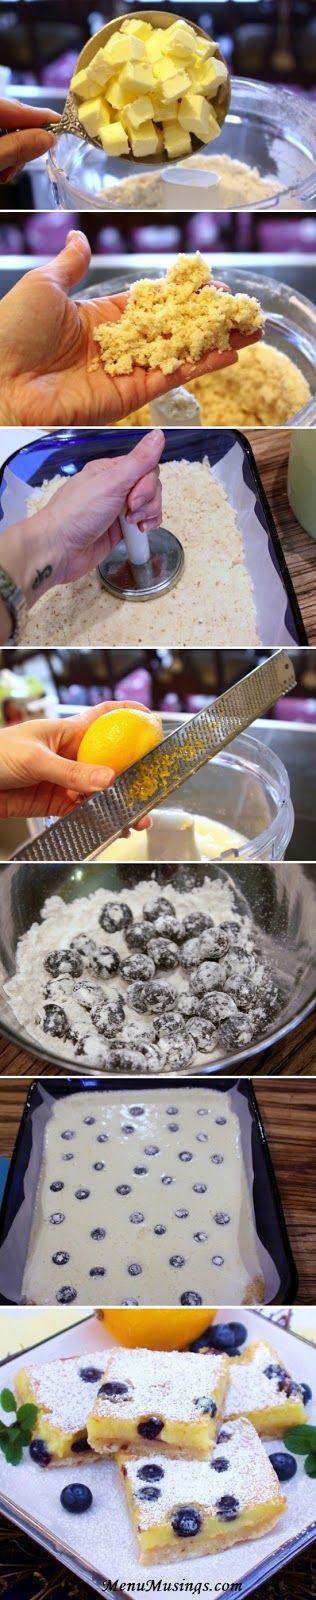 joysama images: Blueberry & Coconut Lemon Bars